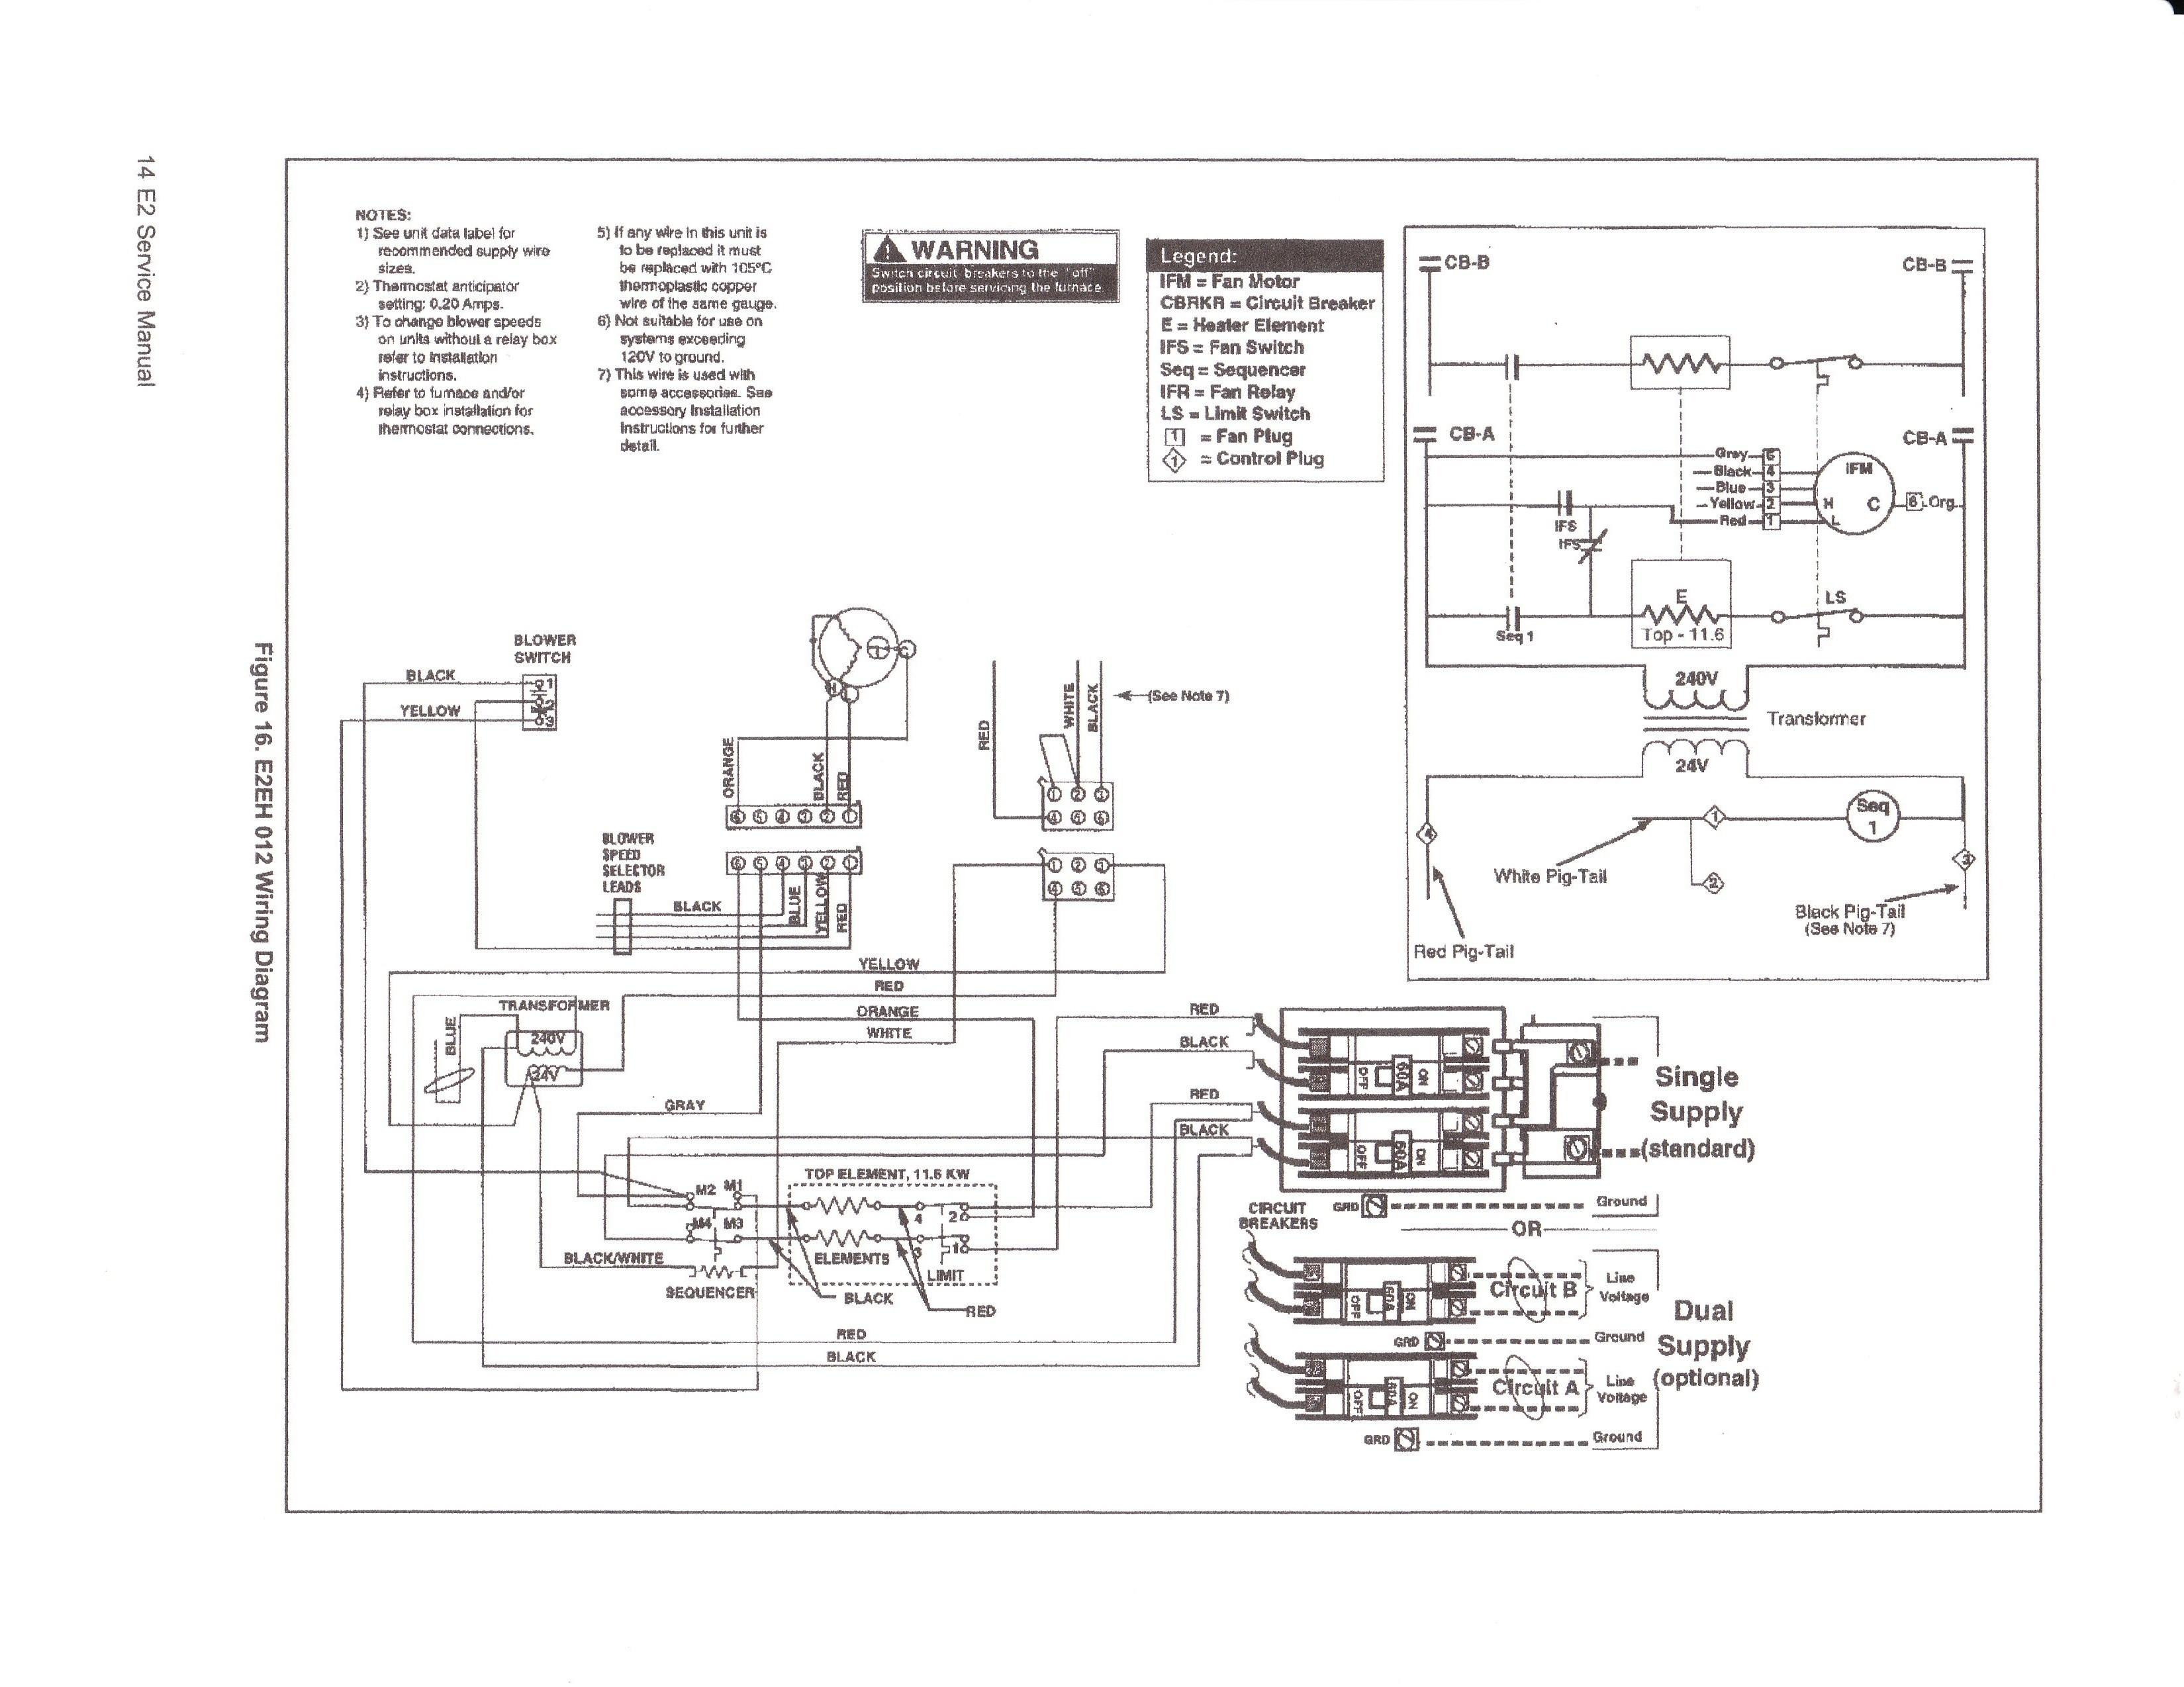 lennox wiring diagram Download-Hvac Wiring Diagram New Lennox Wiring Diagram Collection 6-o